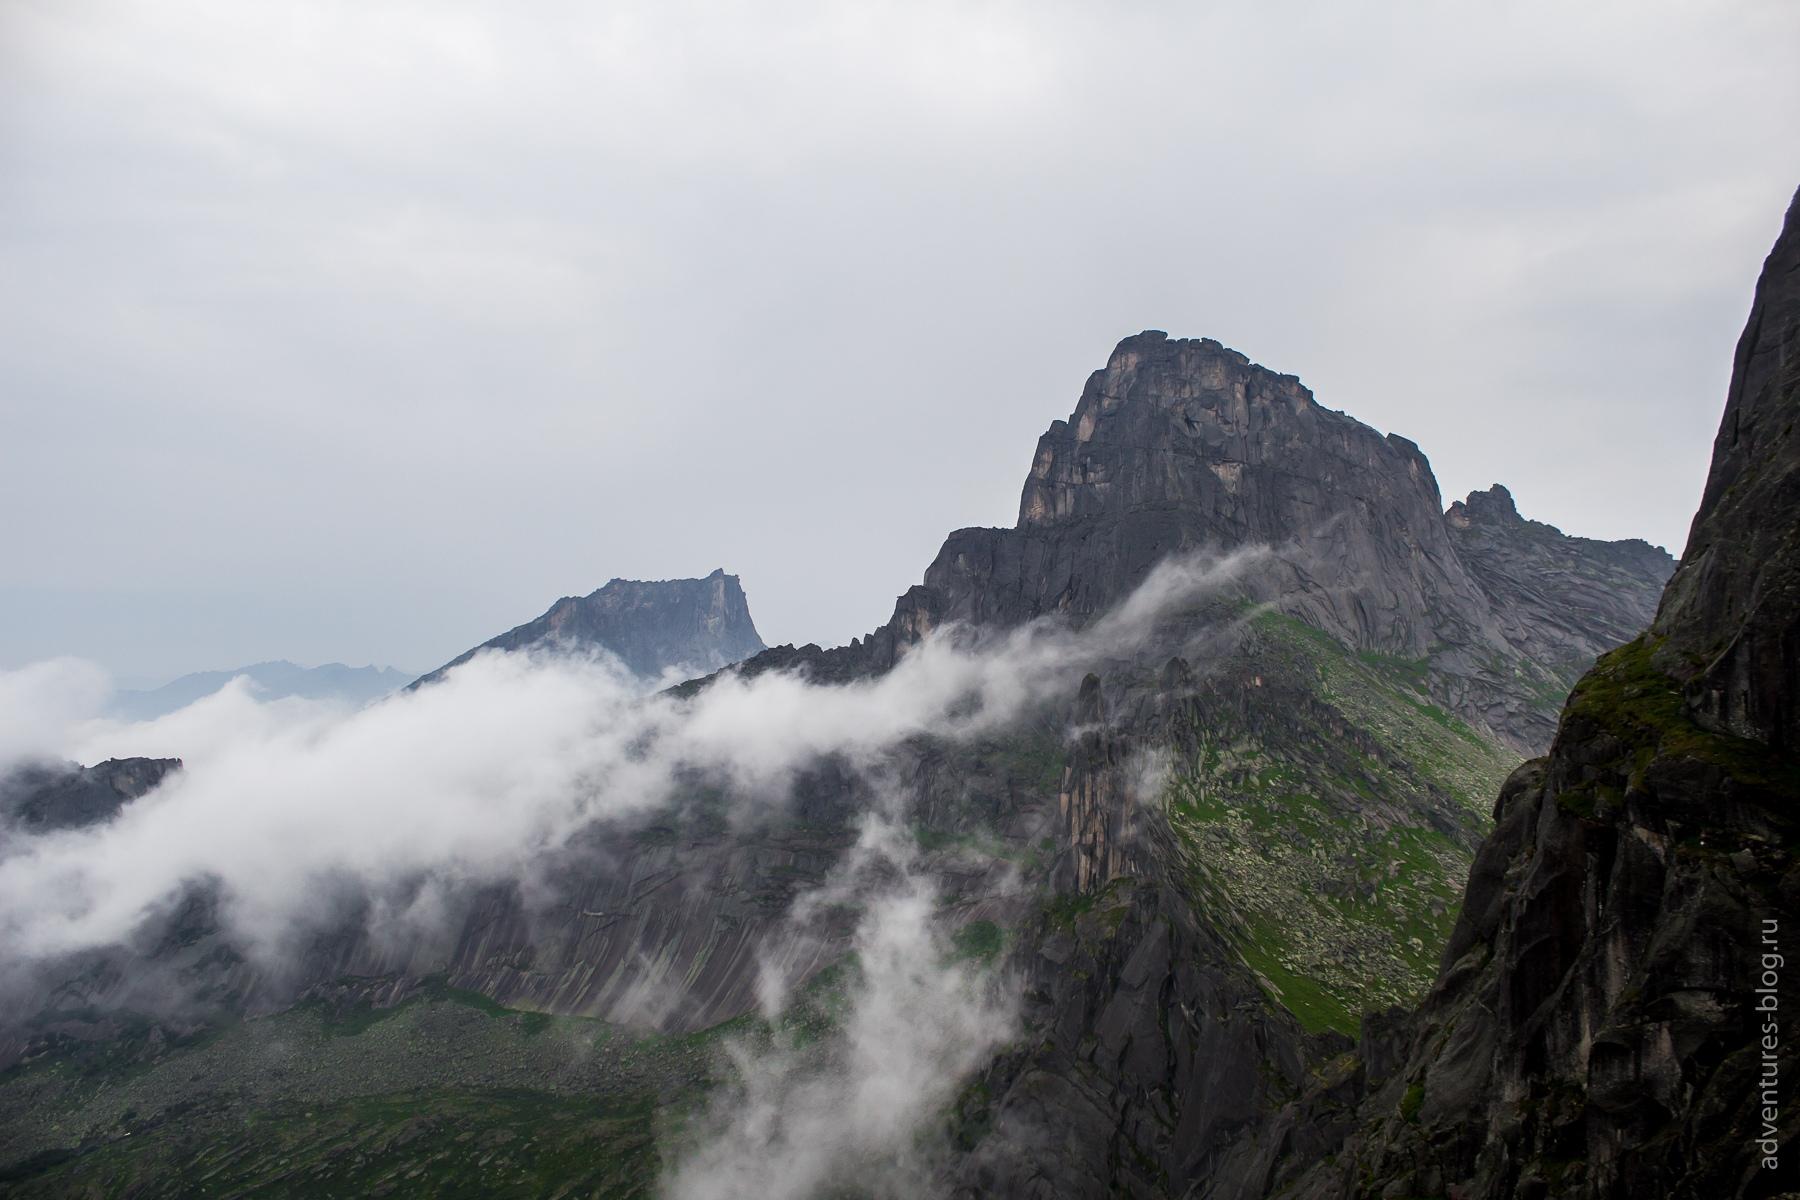 Подъем на перевал Птица. Пик Звездный в тумане